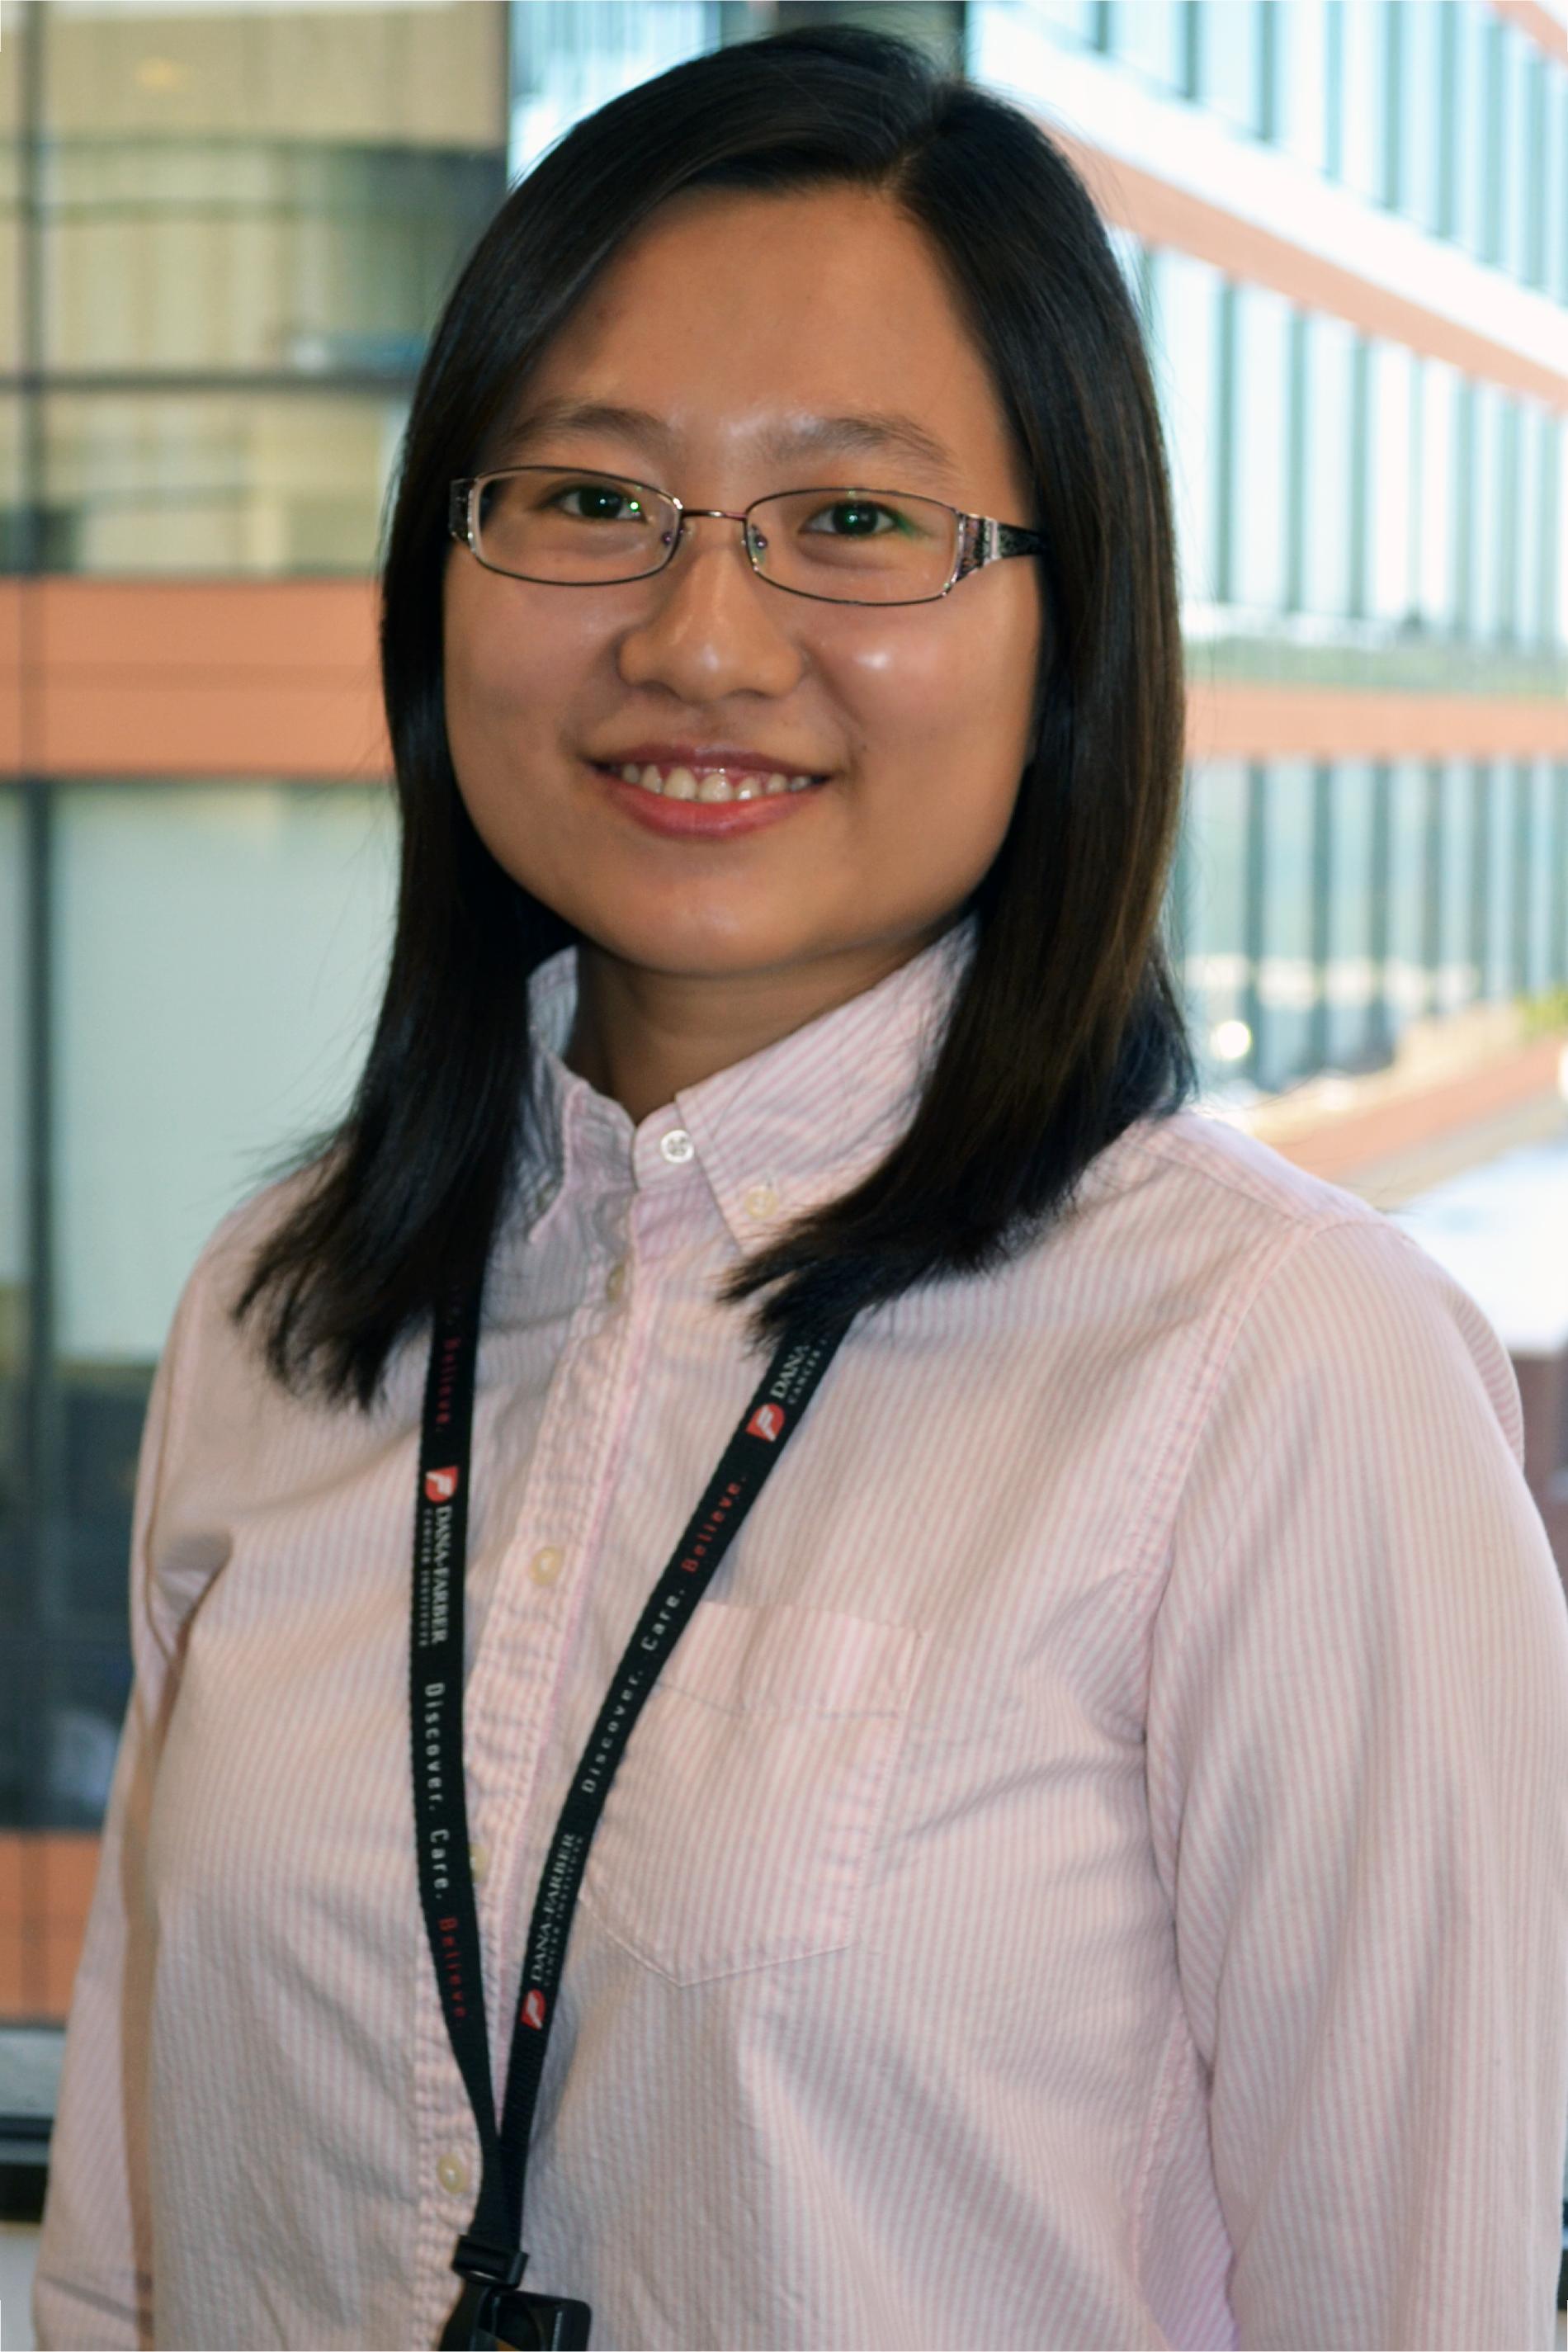 Xi Wang - Graduate Student